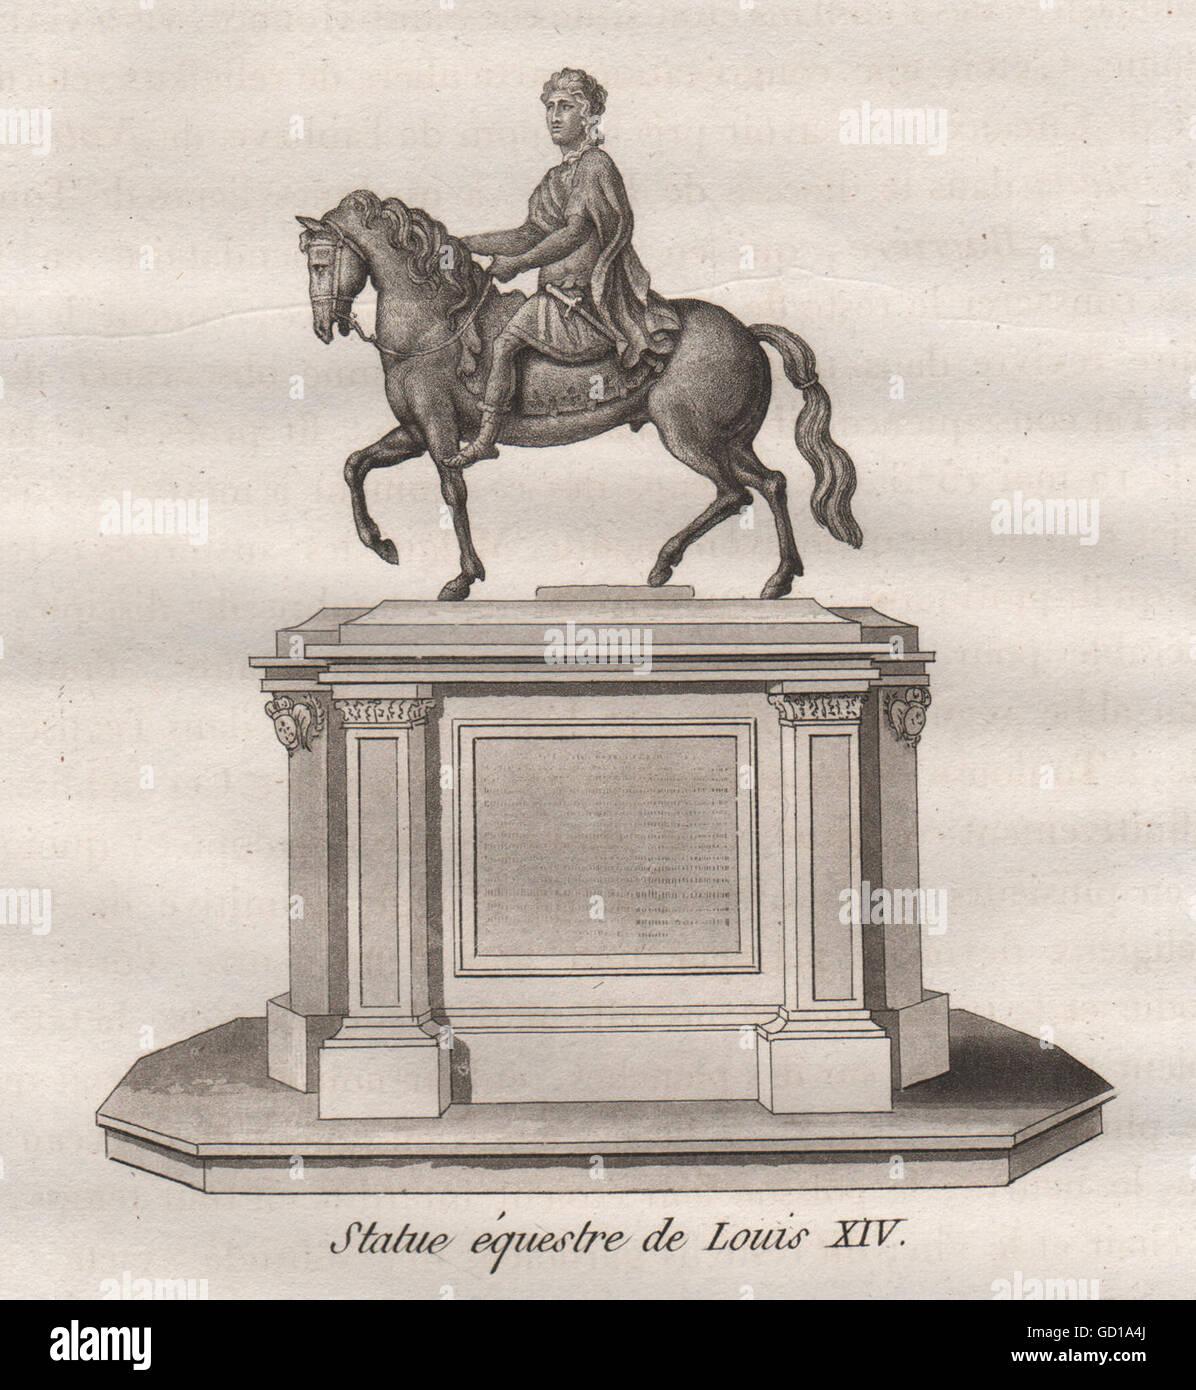 PARIS: Statue équestre de Louis XIV. Aquatint, antique print 1808 - Stock Image